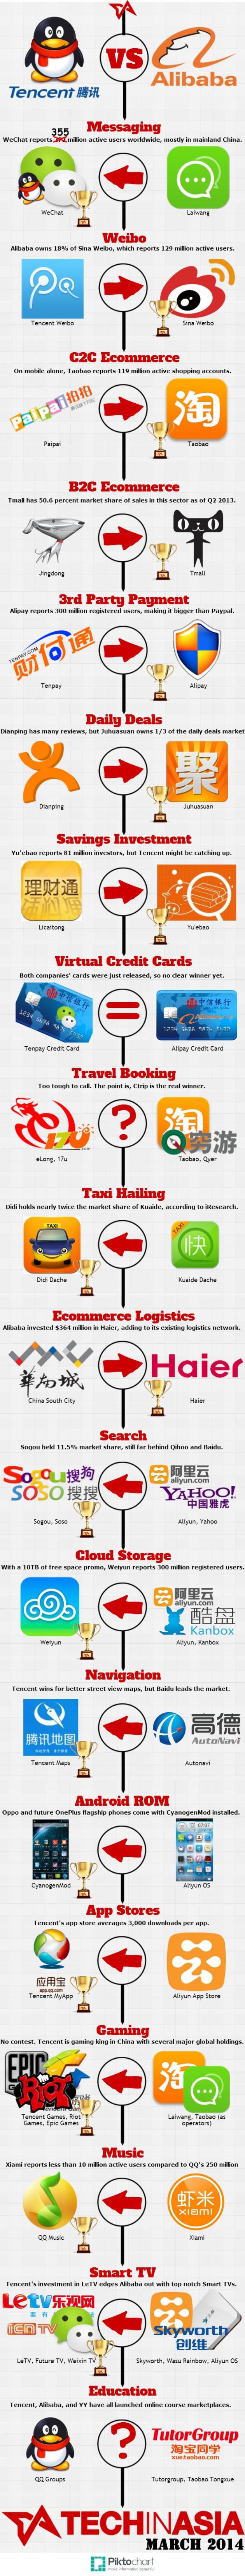 Tencent-v-Alibaba-3